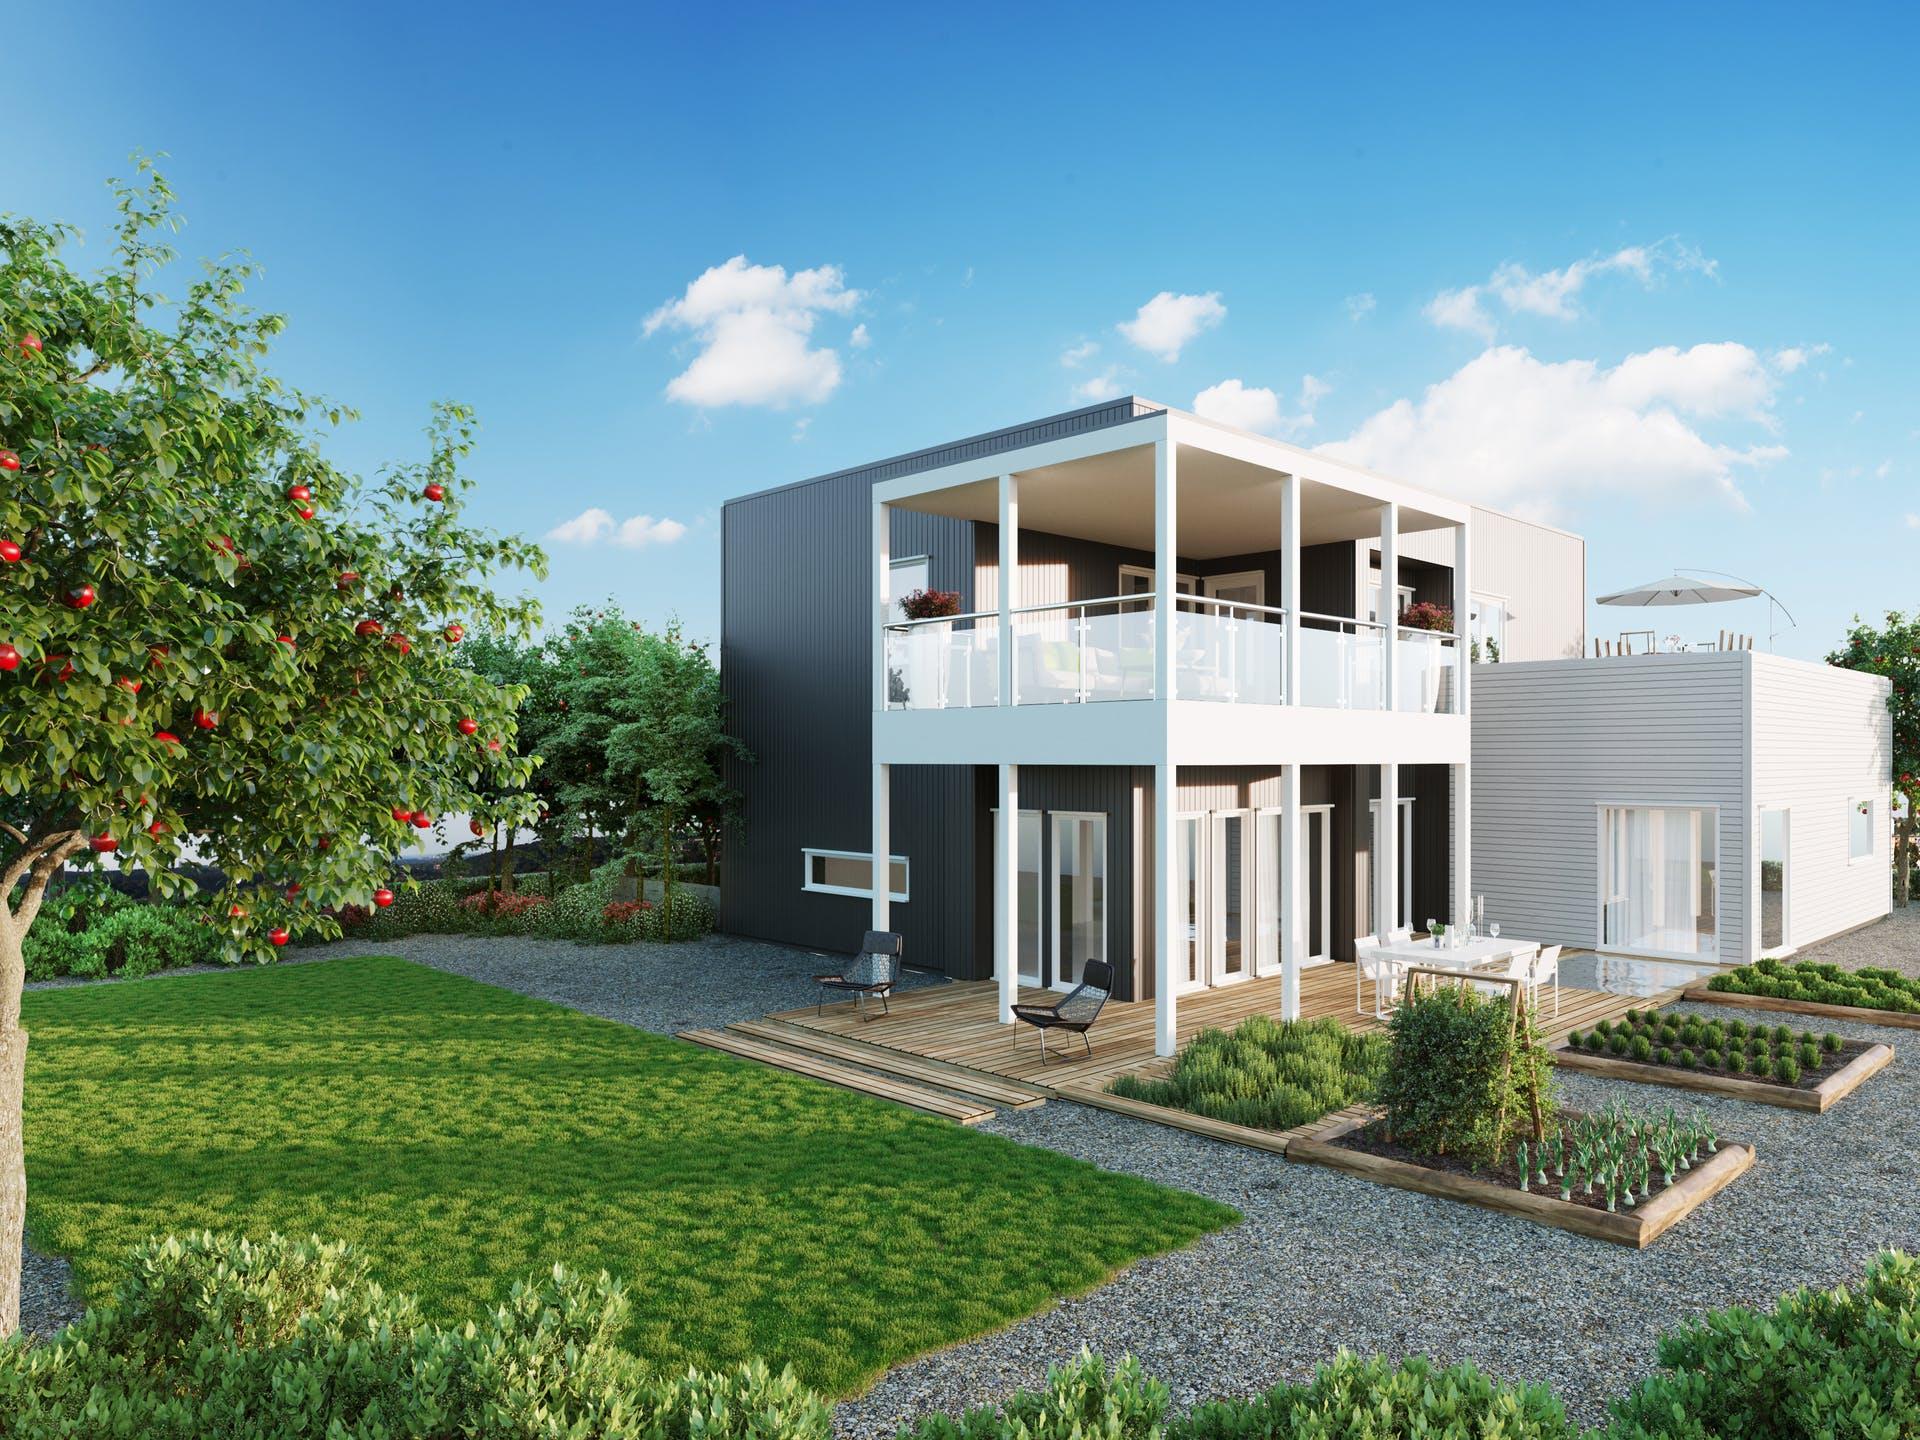 Bilde av husmodellen Skiros av ferdighusleverandøren Norhus